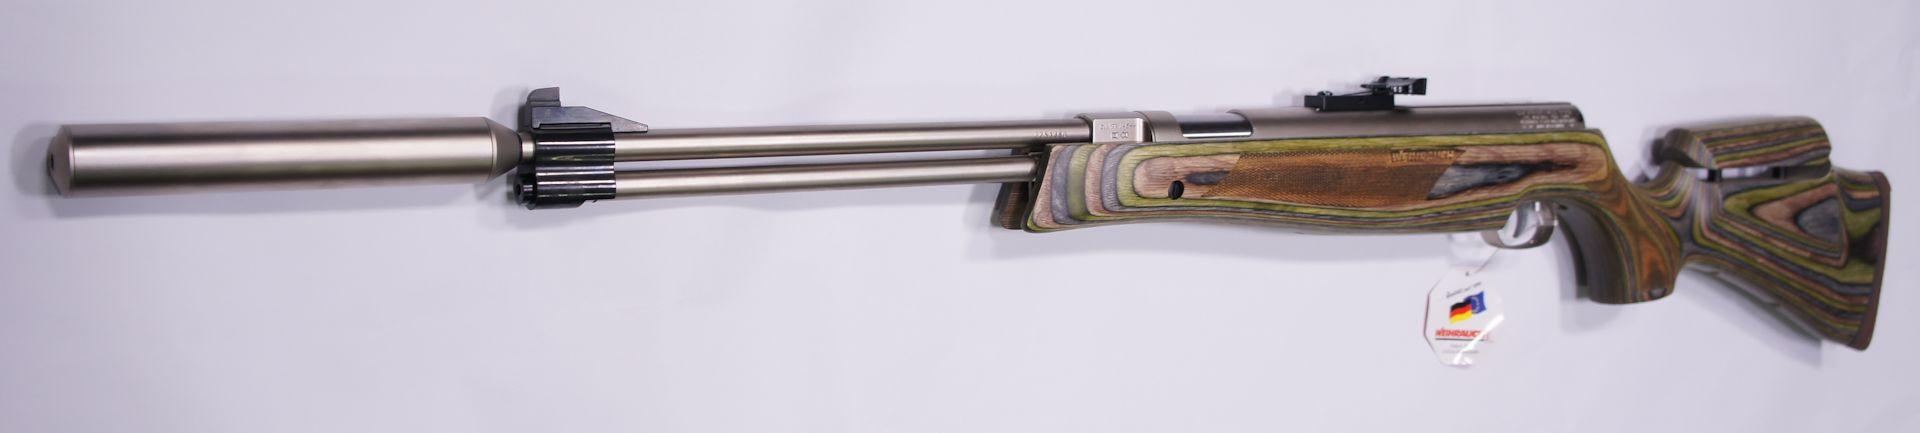 Dieses Bild zeigt Erweiterungsmöglichkeiten gegen Aufpreis. Das sind der vernickelte Schalldämpfer und eine höhenverstellbare Schaftbacke.